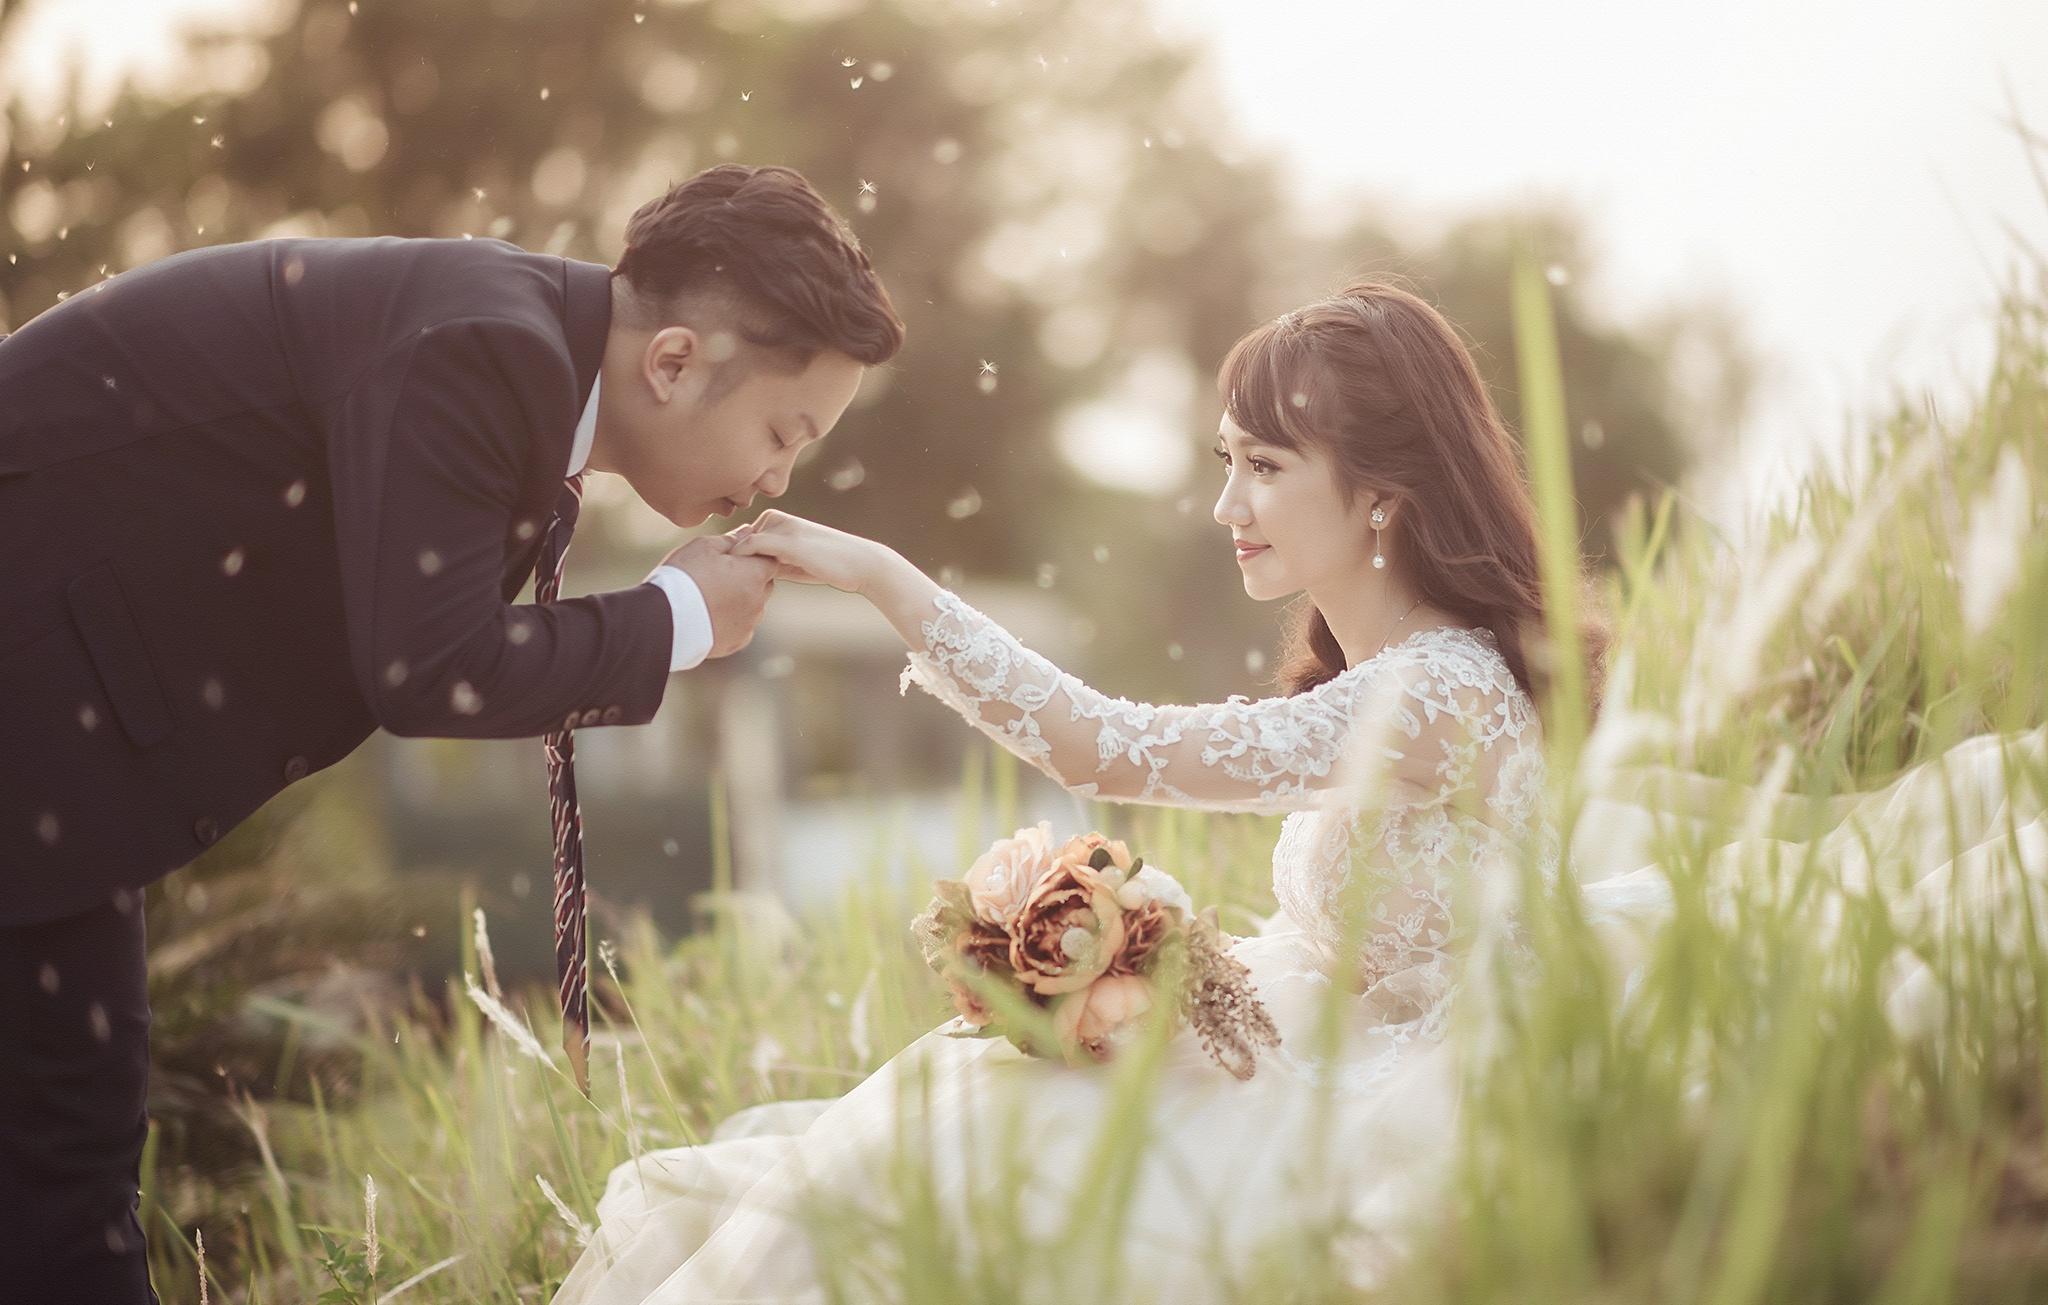 婚活をはじめるならまずは結婚相談所?結婚相談所に行ってみた体験談